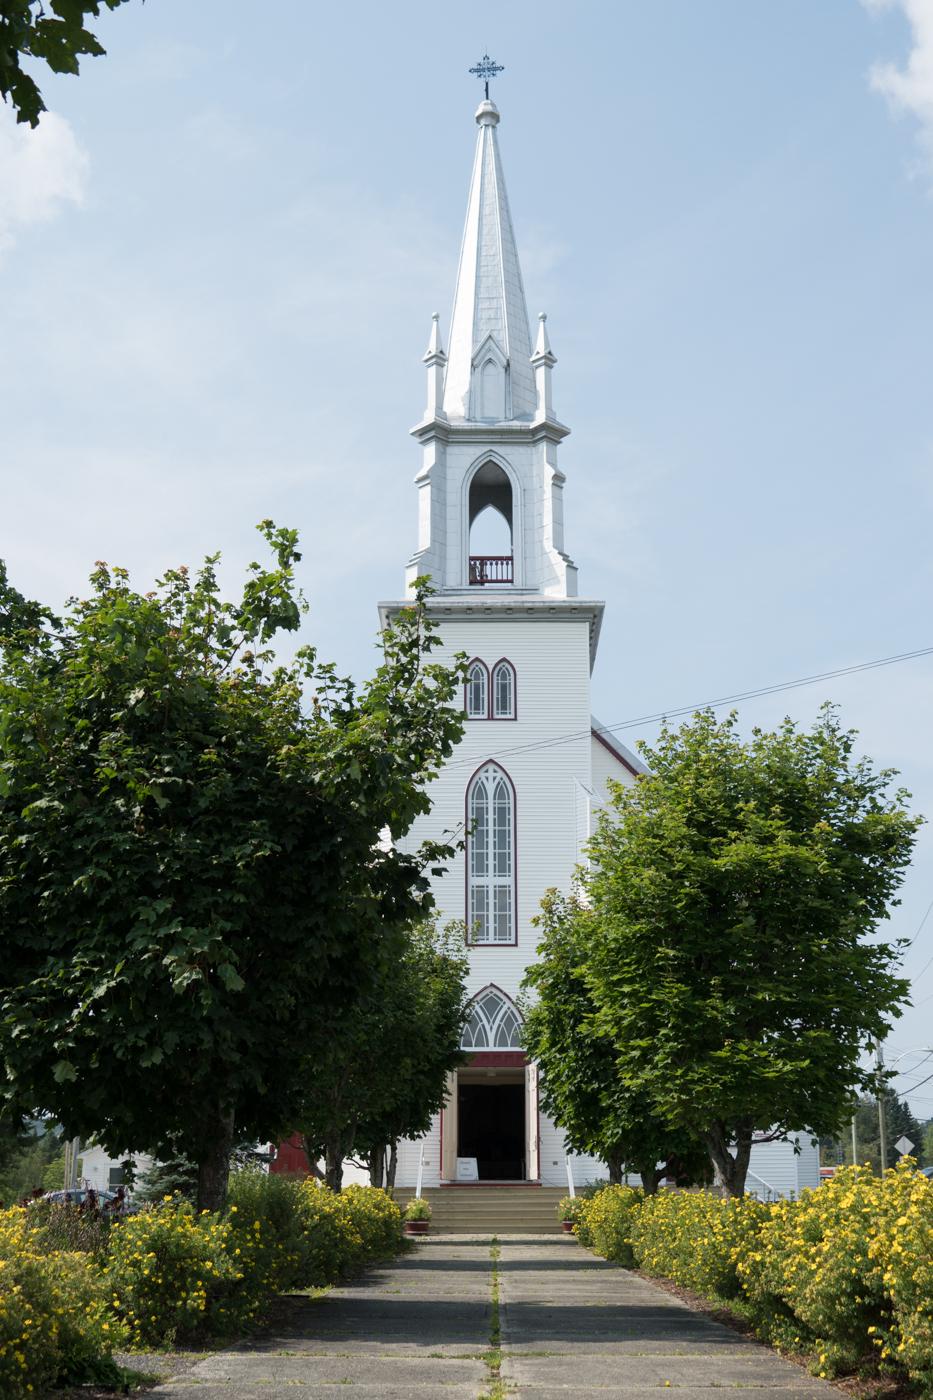 Église de Piopolis - Quoi faire dans les Cantons-de-l'est